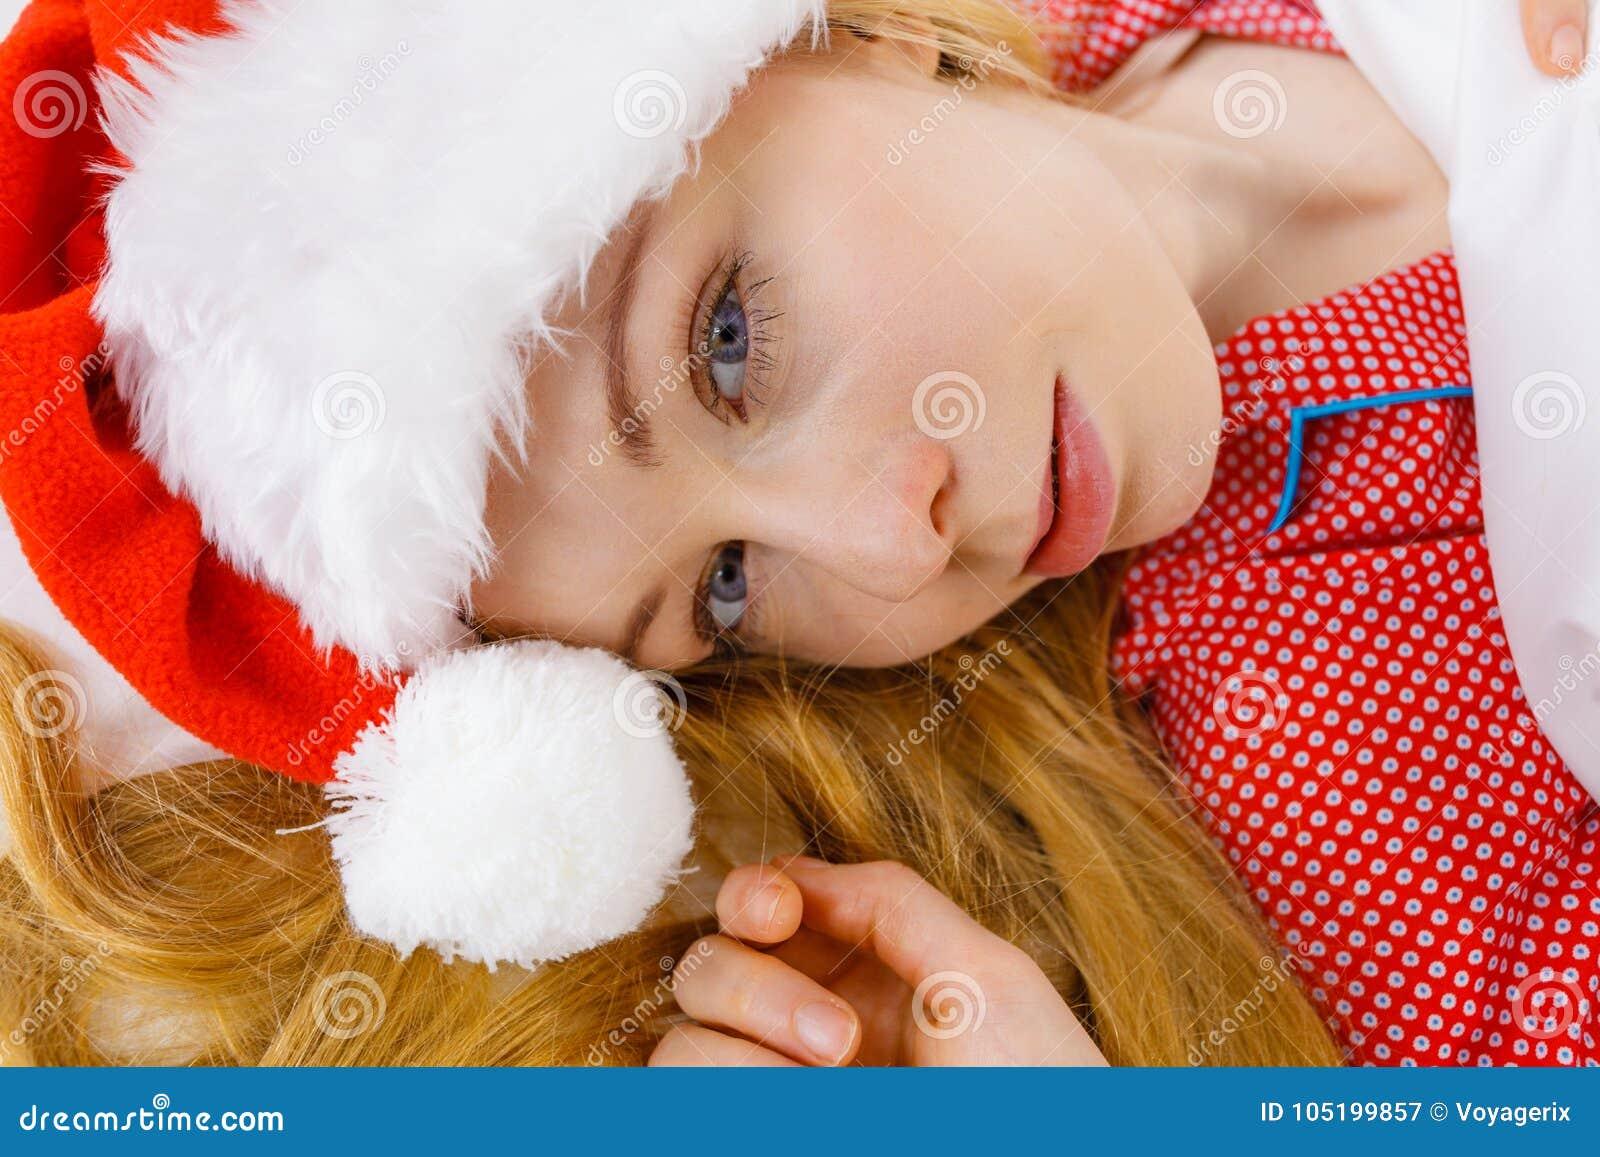 Pijamas De La Mujer Feliz Y Sombrero De Santa Claus Que Llevan ... 4d8a458351f